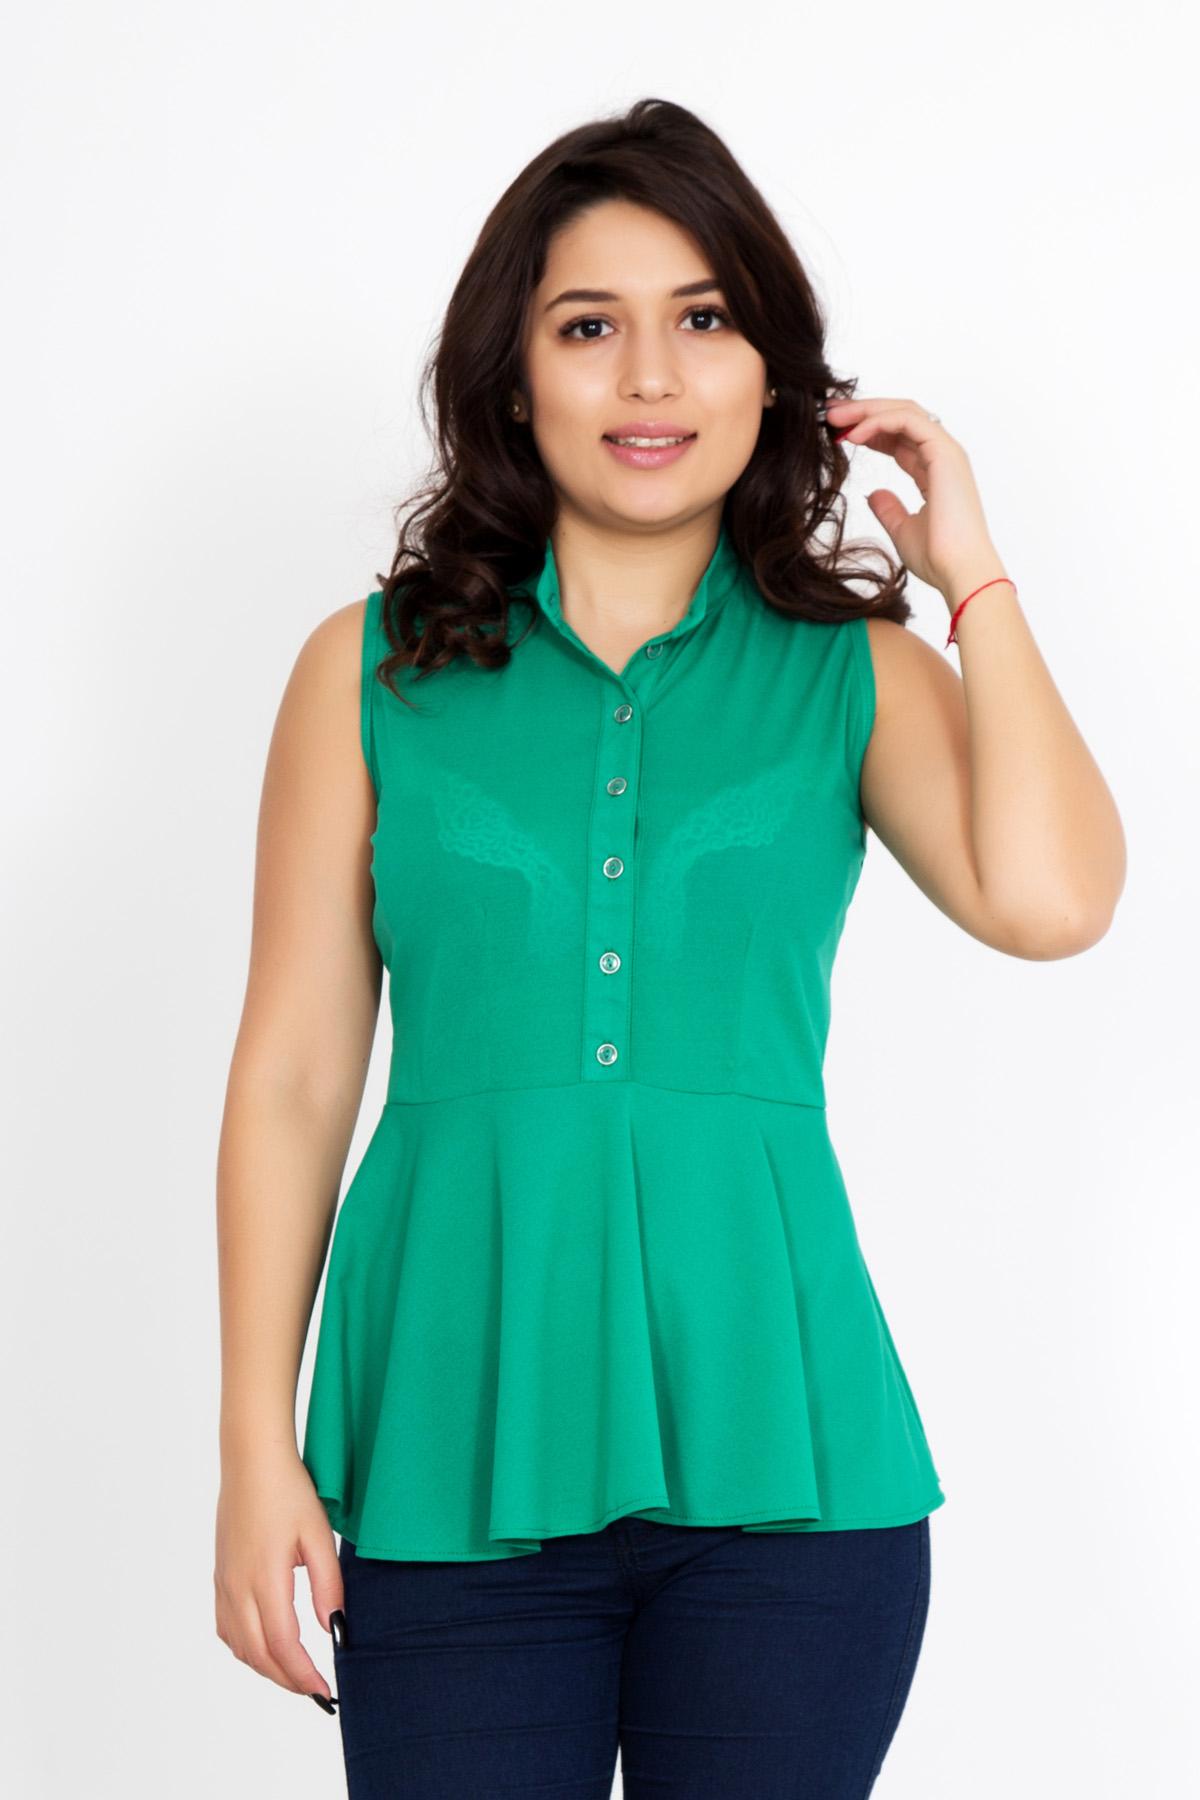 Жен. блуза Дамиана р. 52Распродажа женской одежды<br>Обхват груди: 104 см <br>Обхват талии: 85 см <br>Обхват бедер: 112 см <br>Длина по спинке: 64 см <br>Рост: 167 см<br><br>Тип: Жен. блуза<br>Размер: 52<br>Материал: Креп